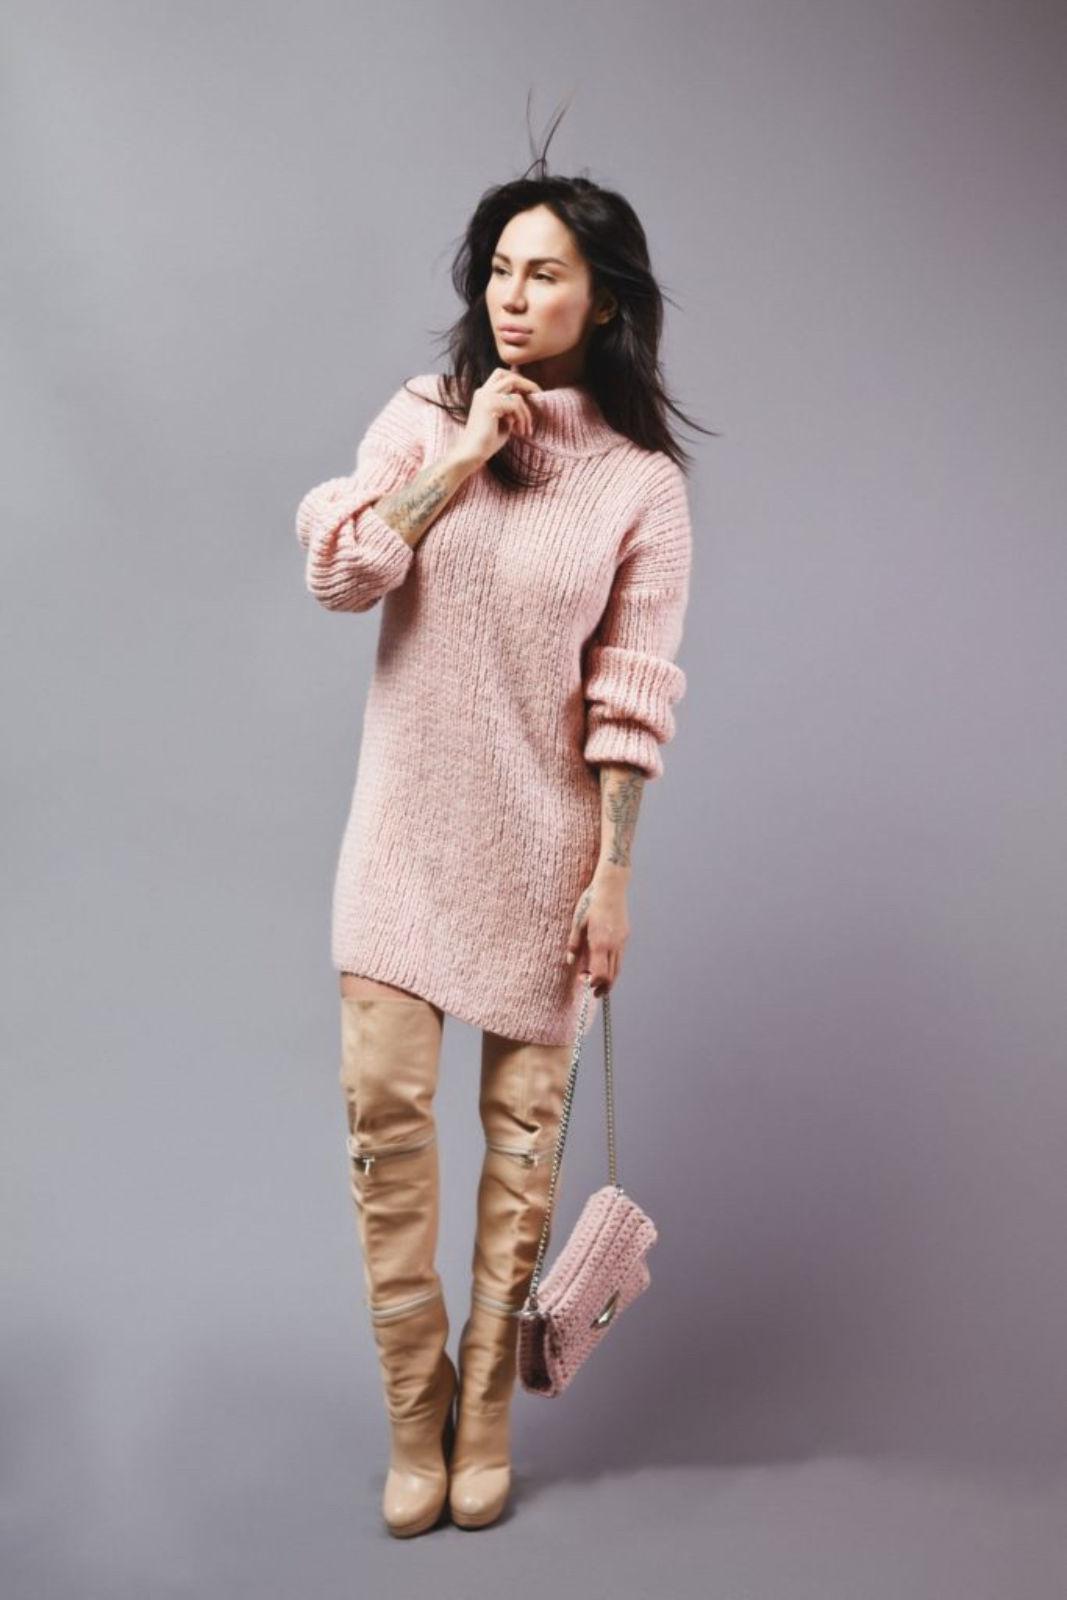 108f2c17e45 Длинный свитер для женщин - купить в интернет-магазине одежды ...